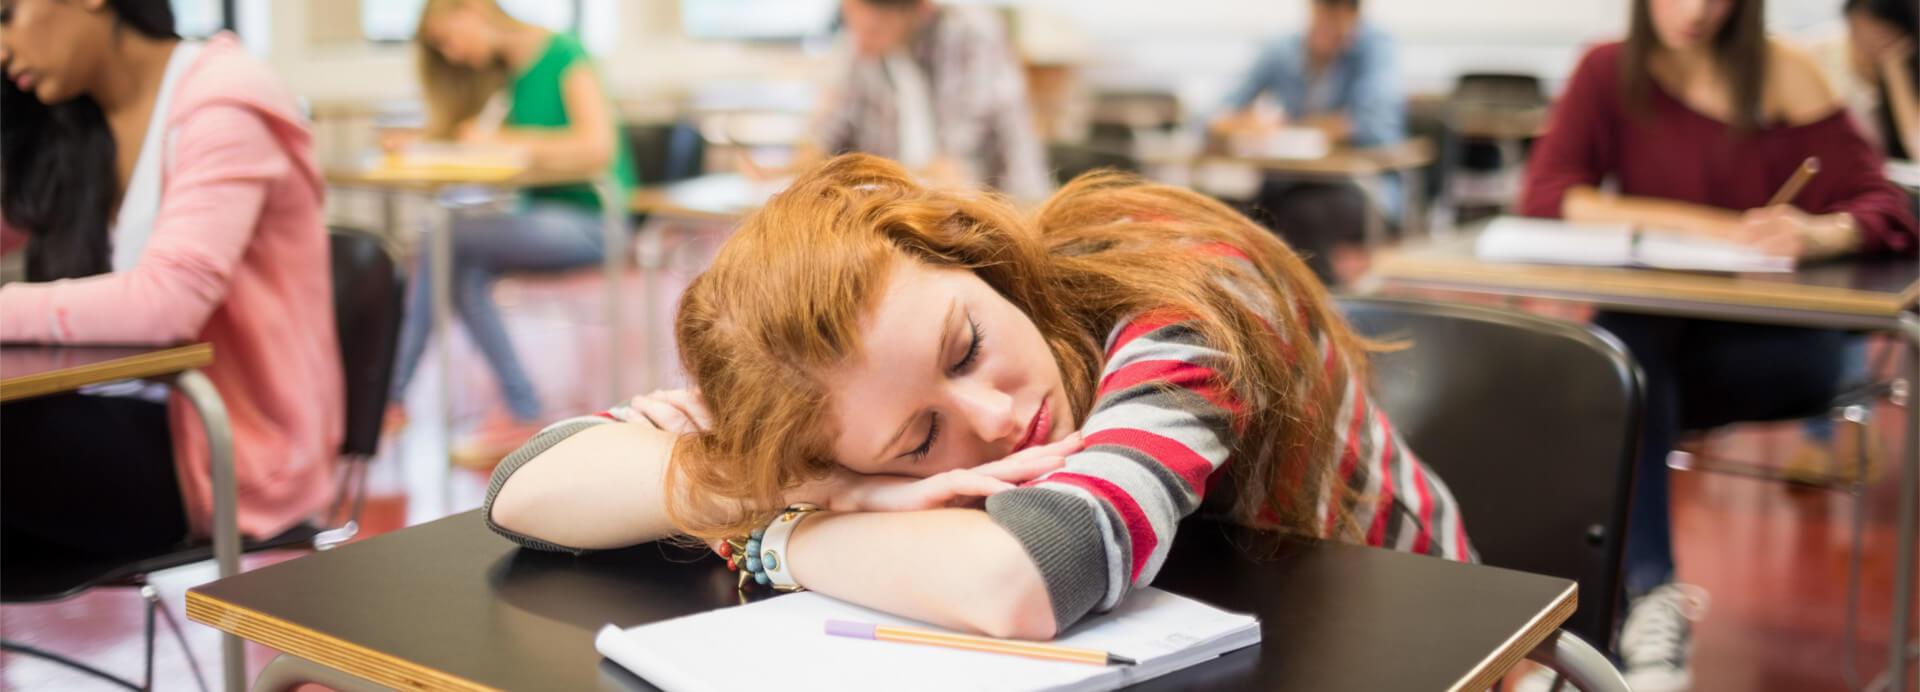 Schlafen Schule